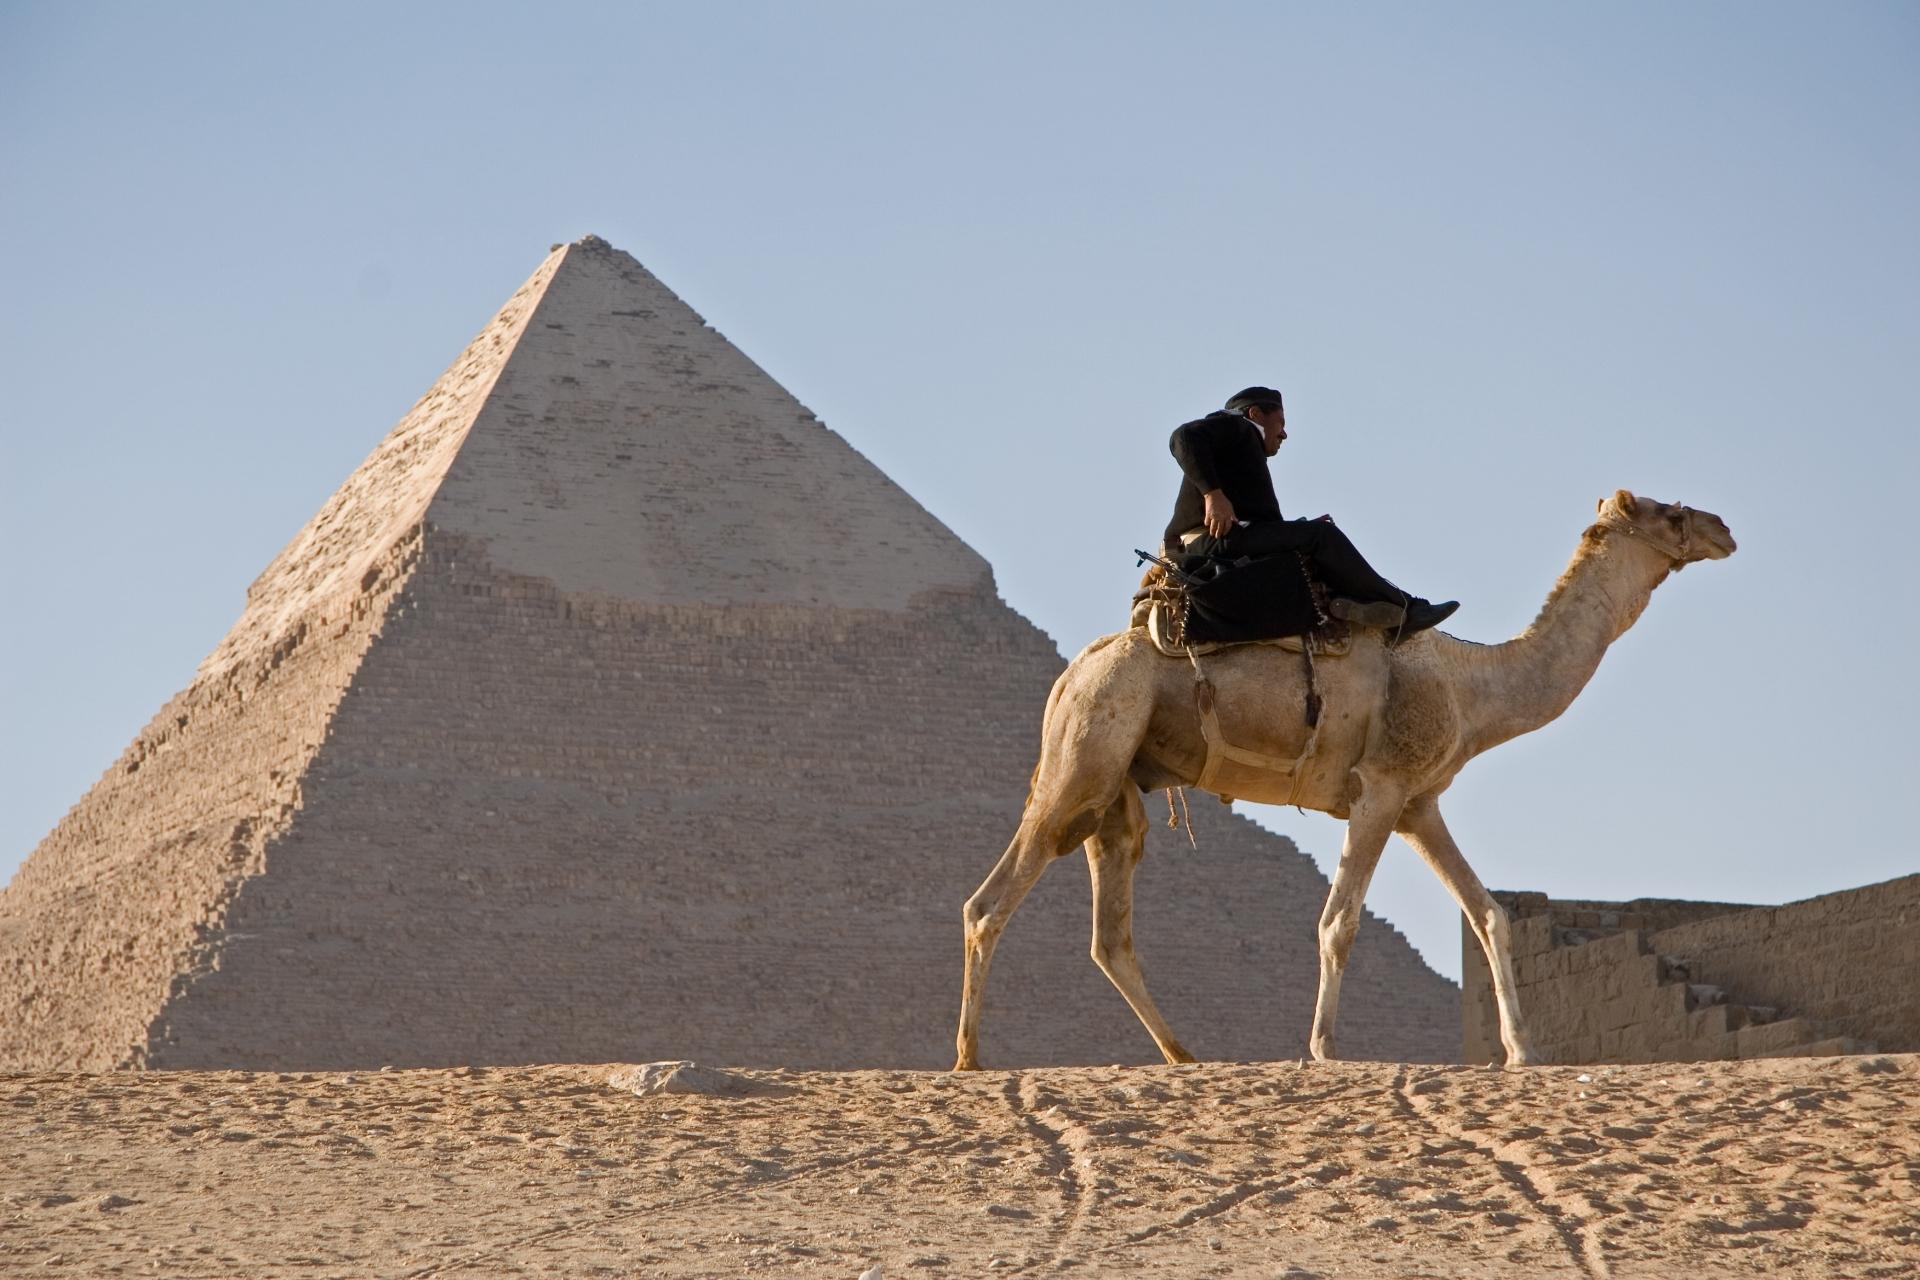 エジプト旅行の危険な事!治安・物価は?安全に楽しむ情報まとめ!